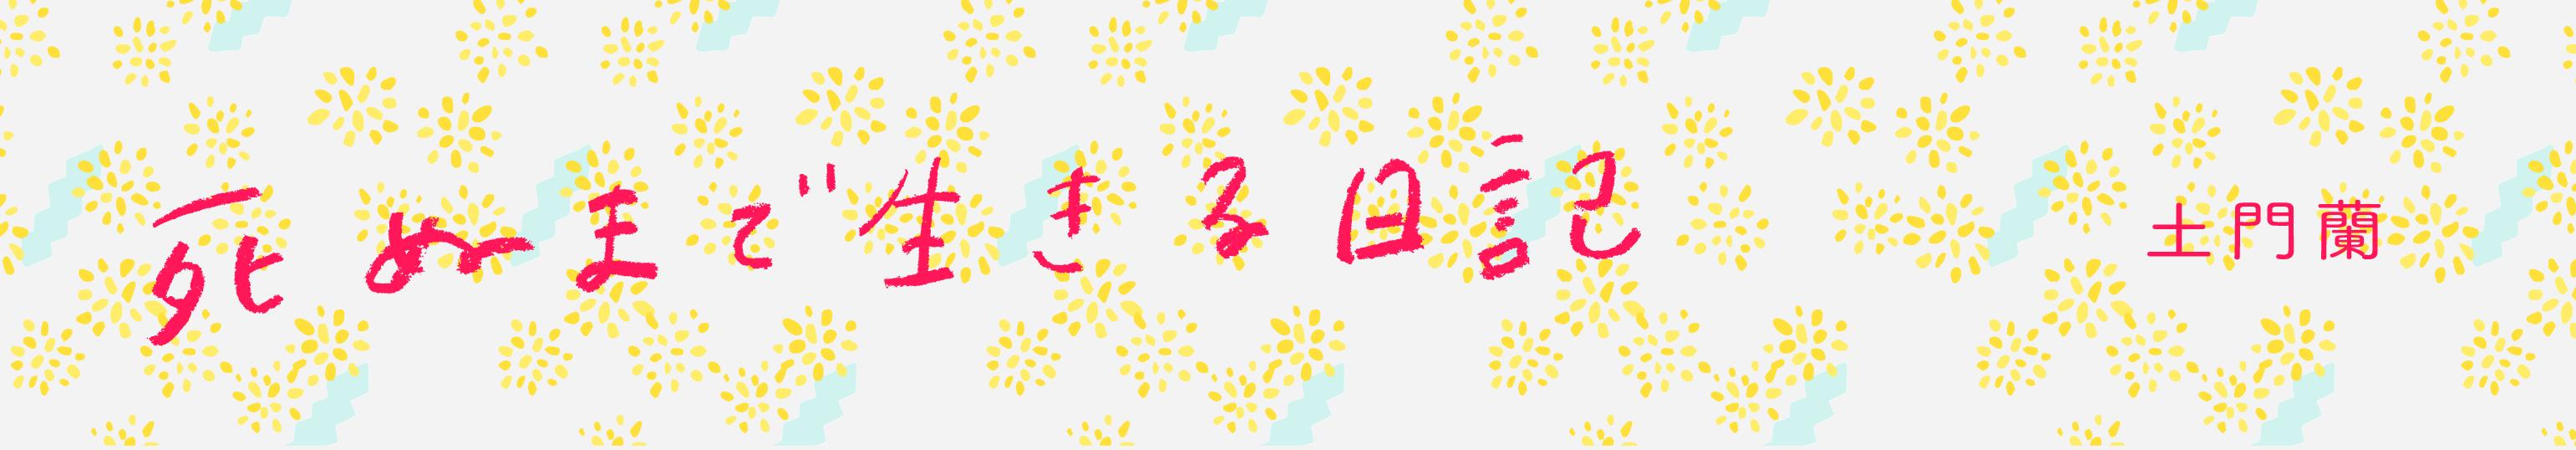 死ぬまで生きる日記 / 土門蘭